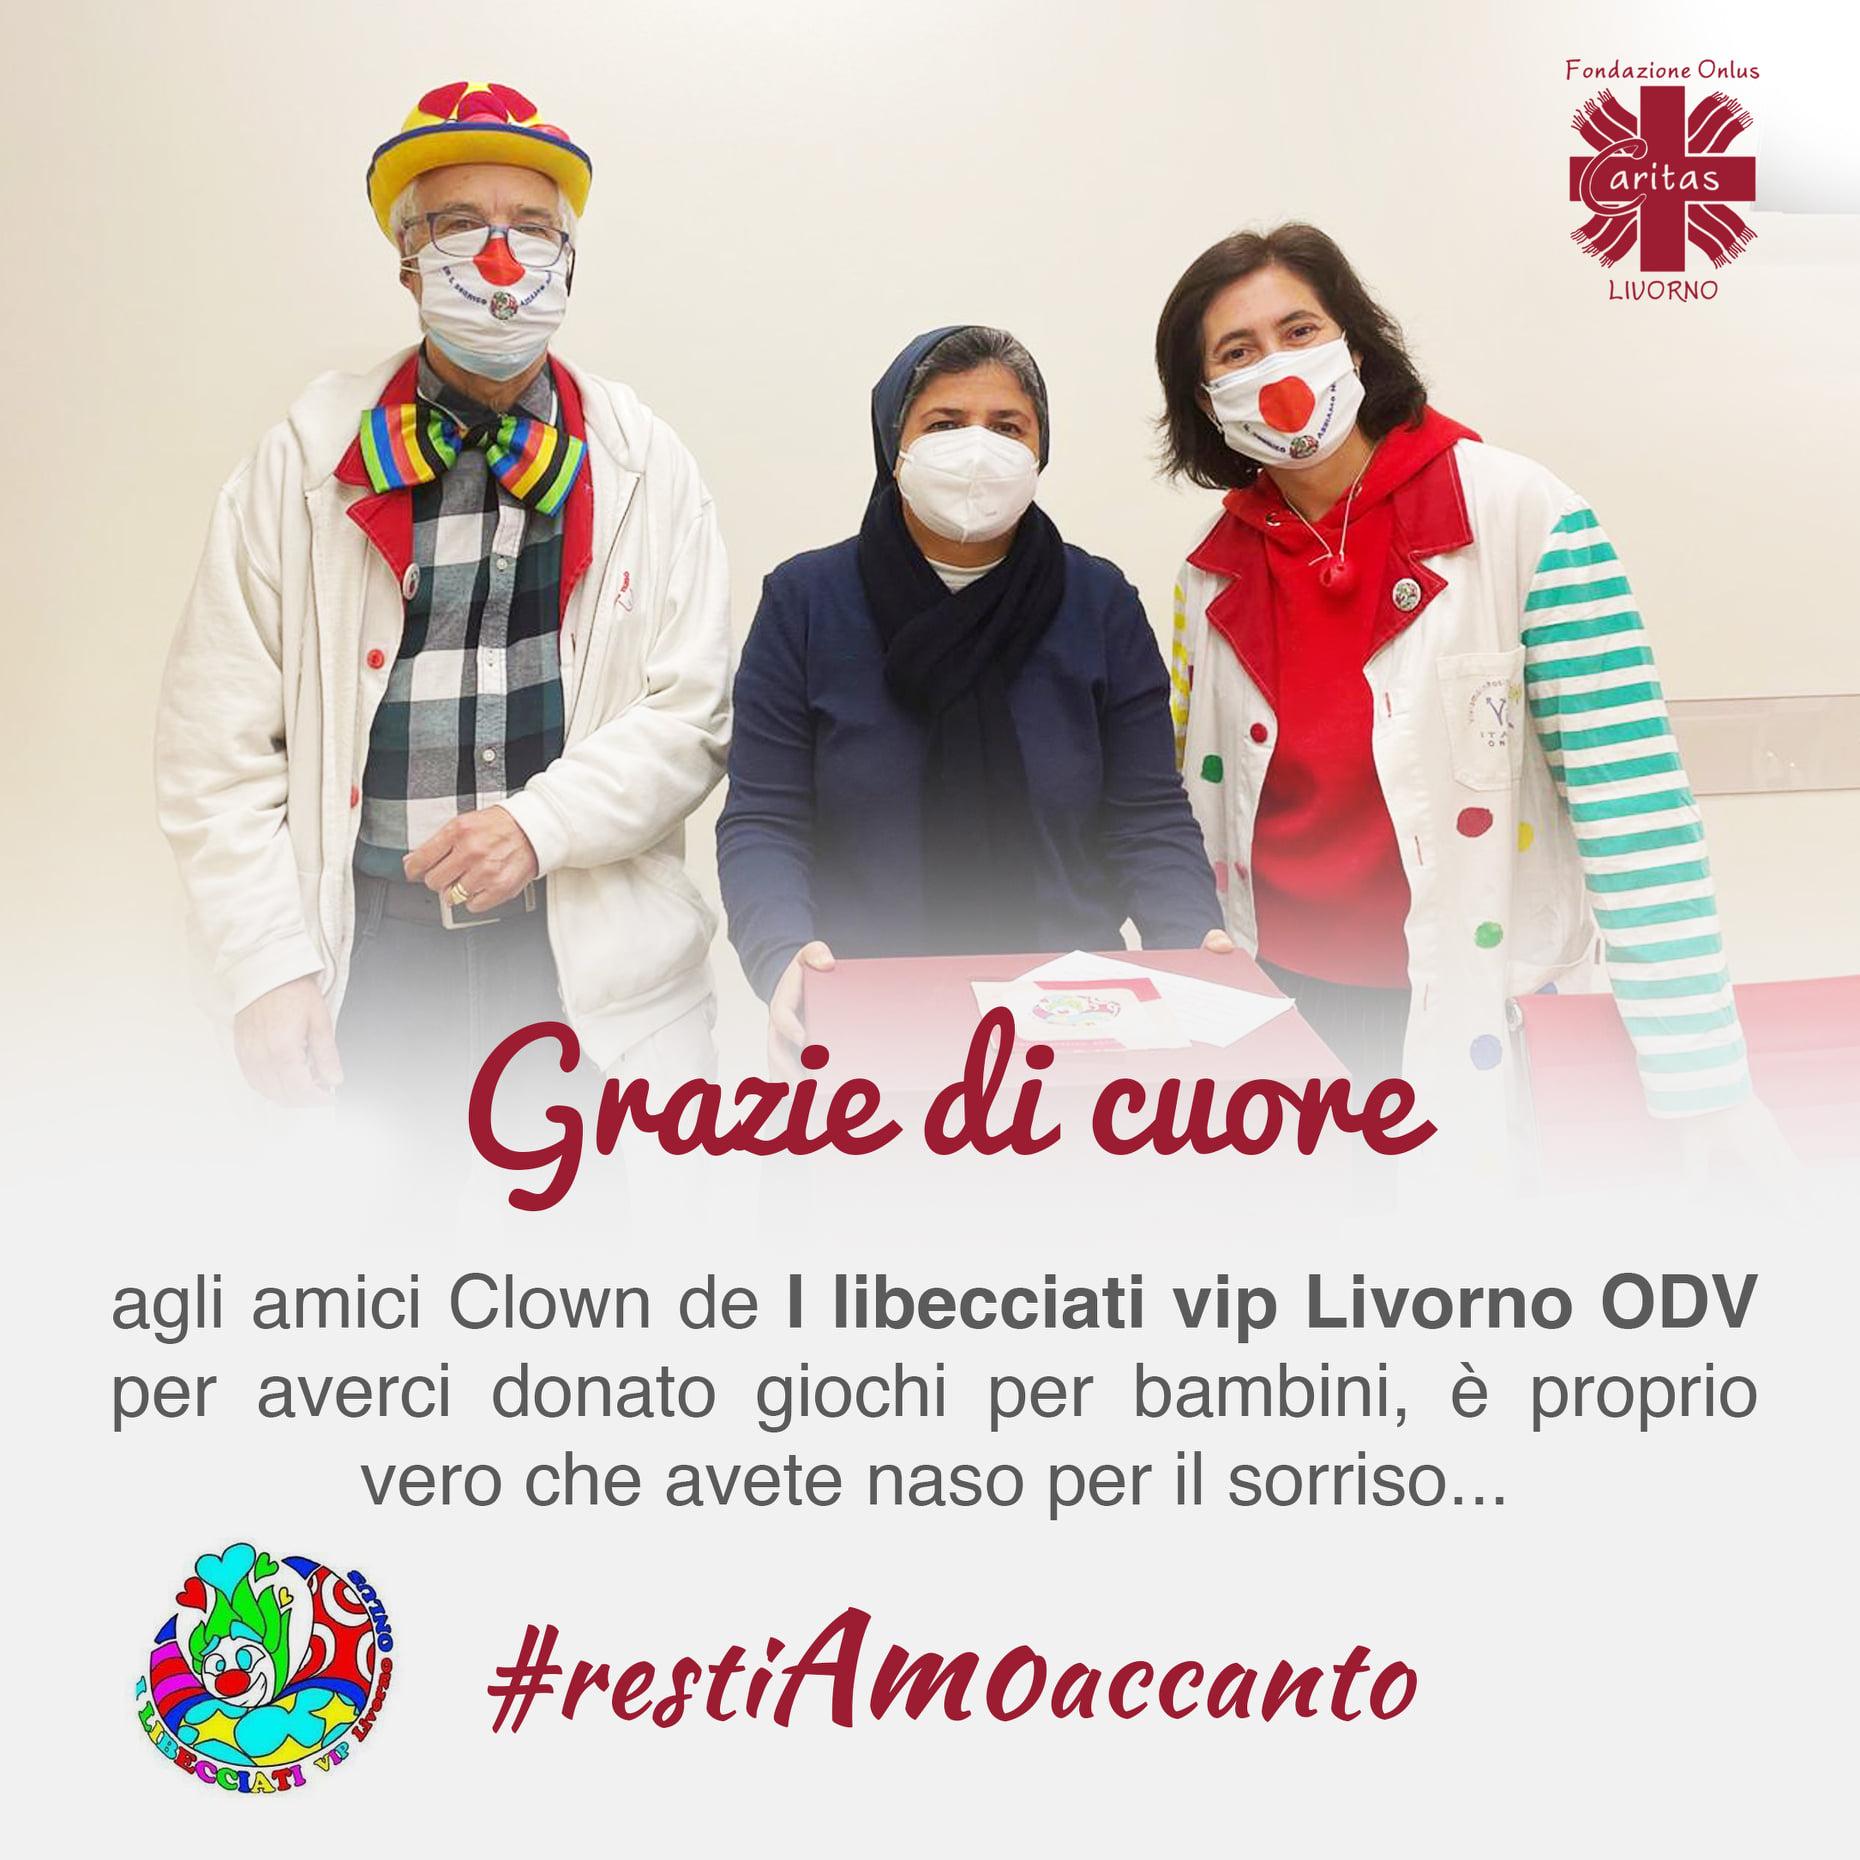 Grazie a I libecciati vip Livorno ODV per la donazione di giochi per bambini